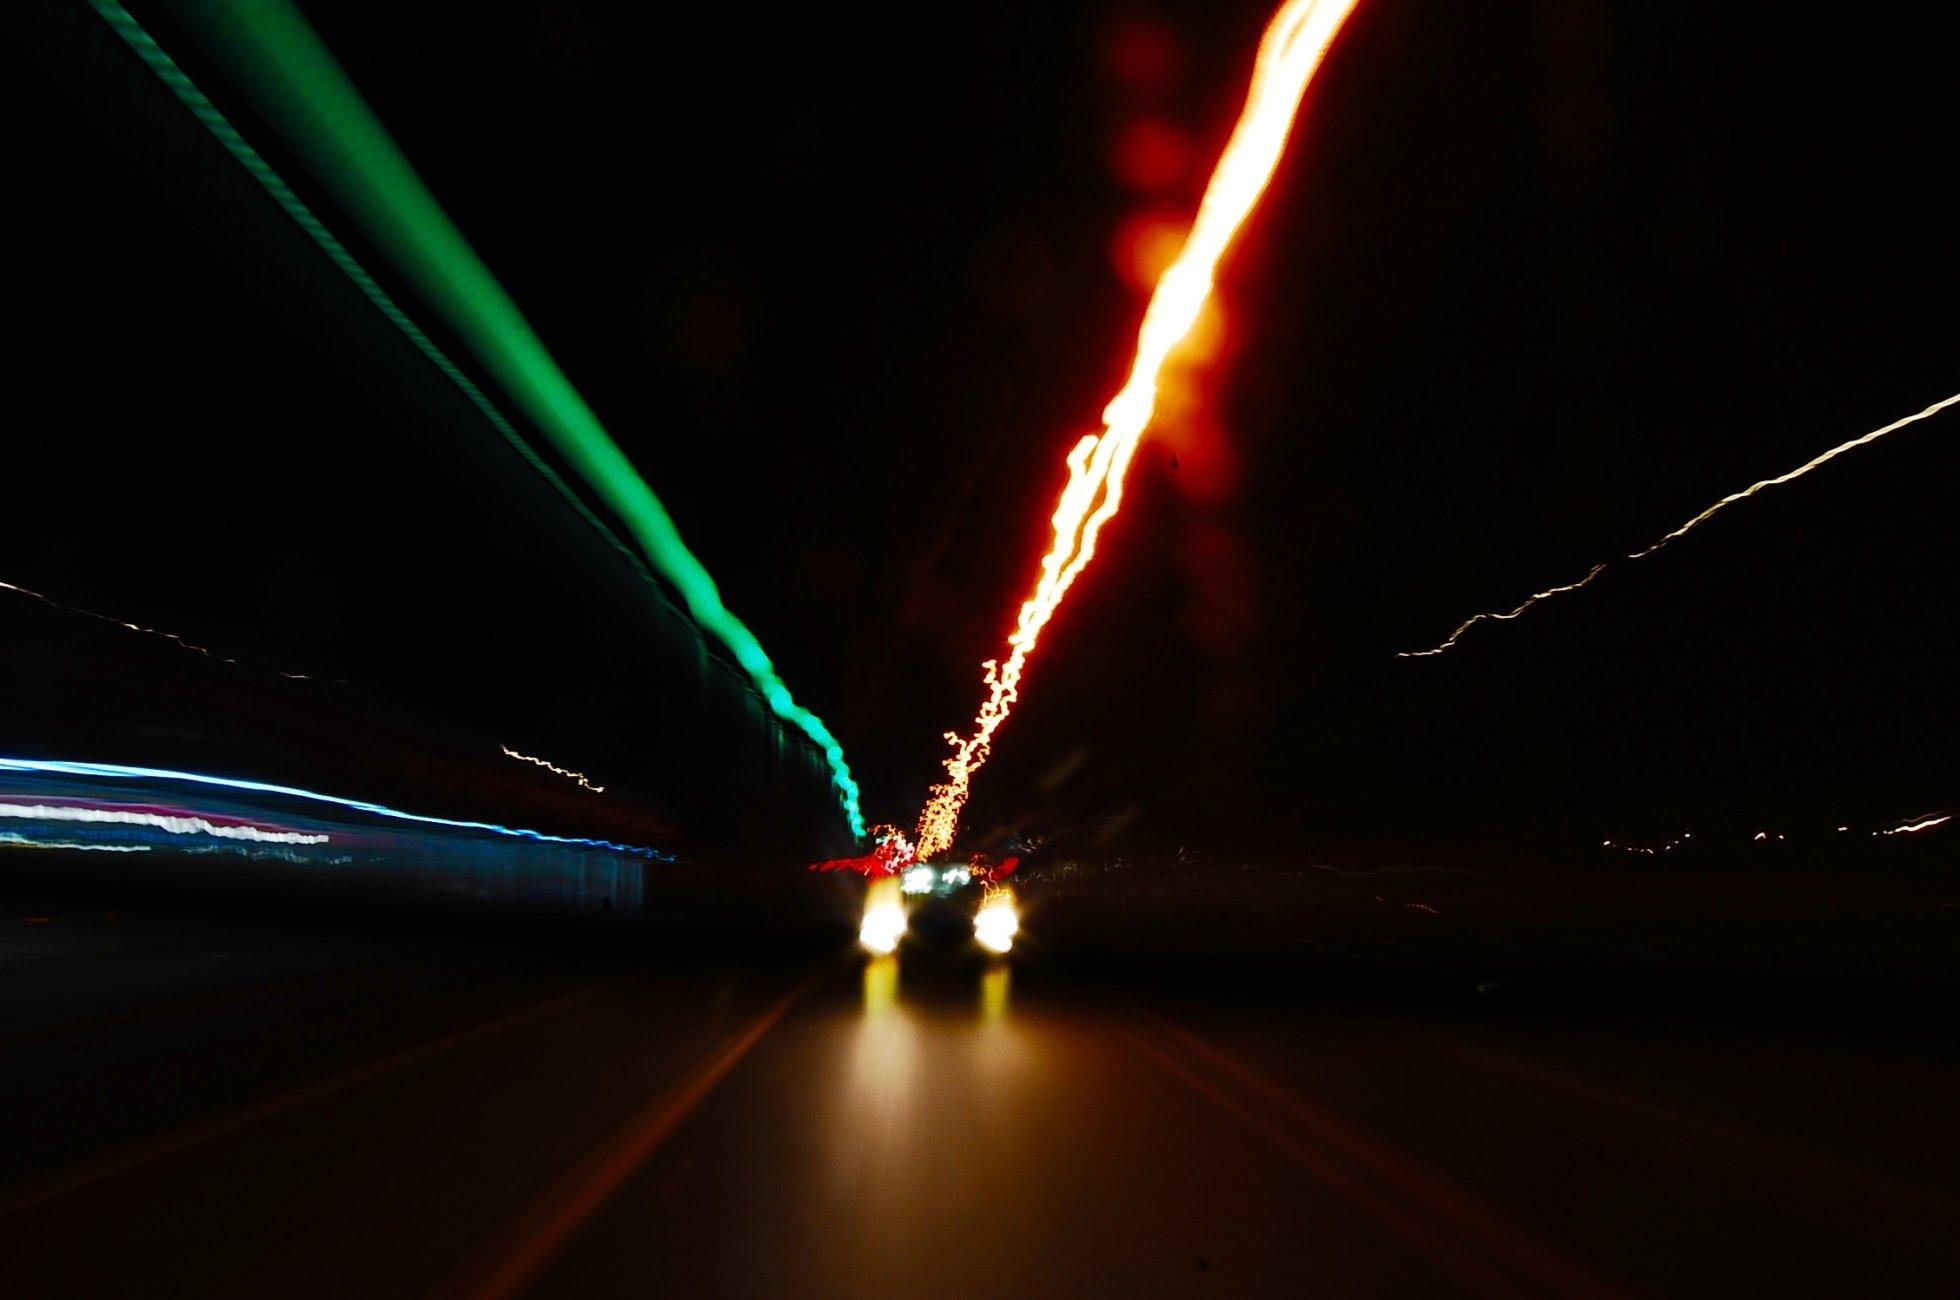 Speeding Lines